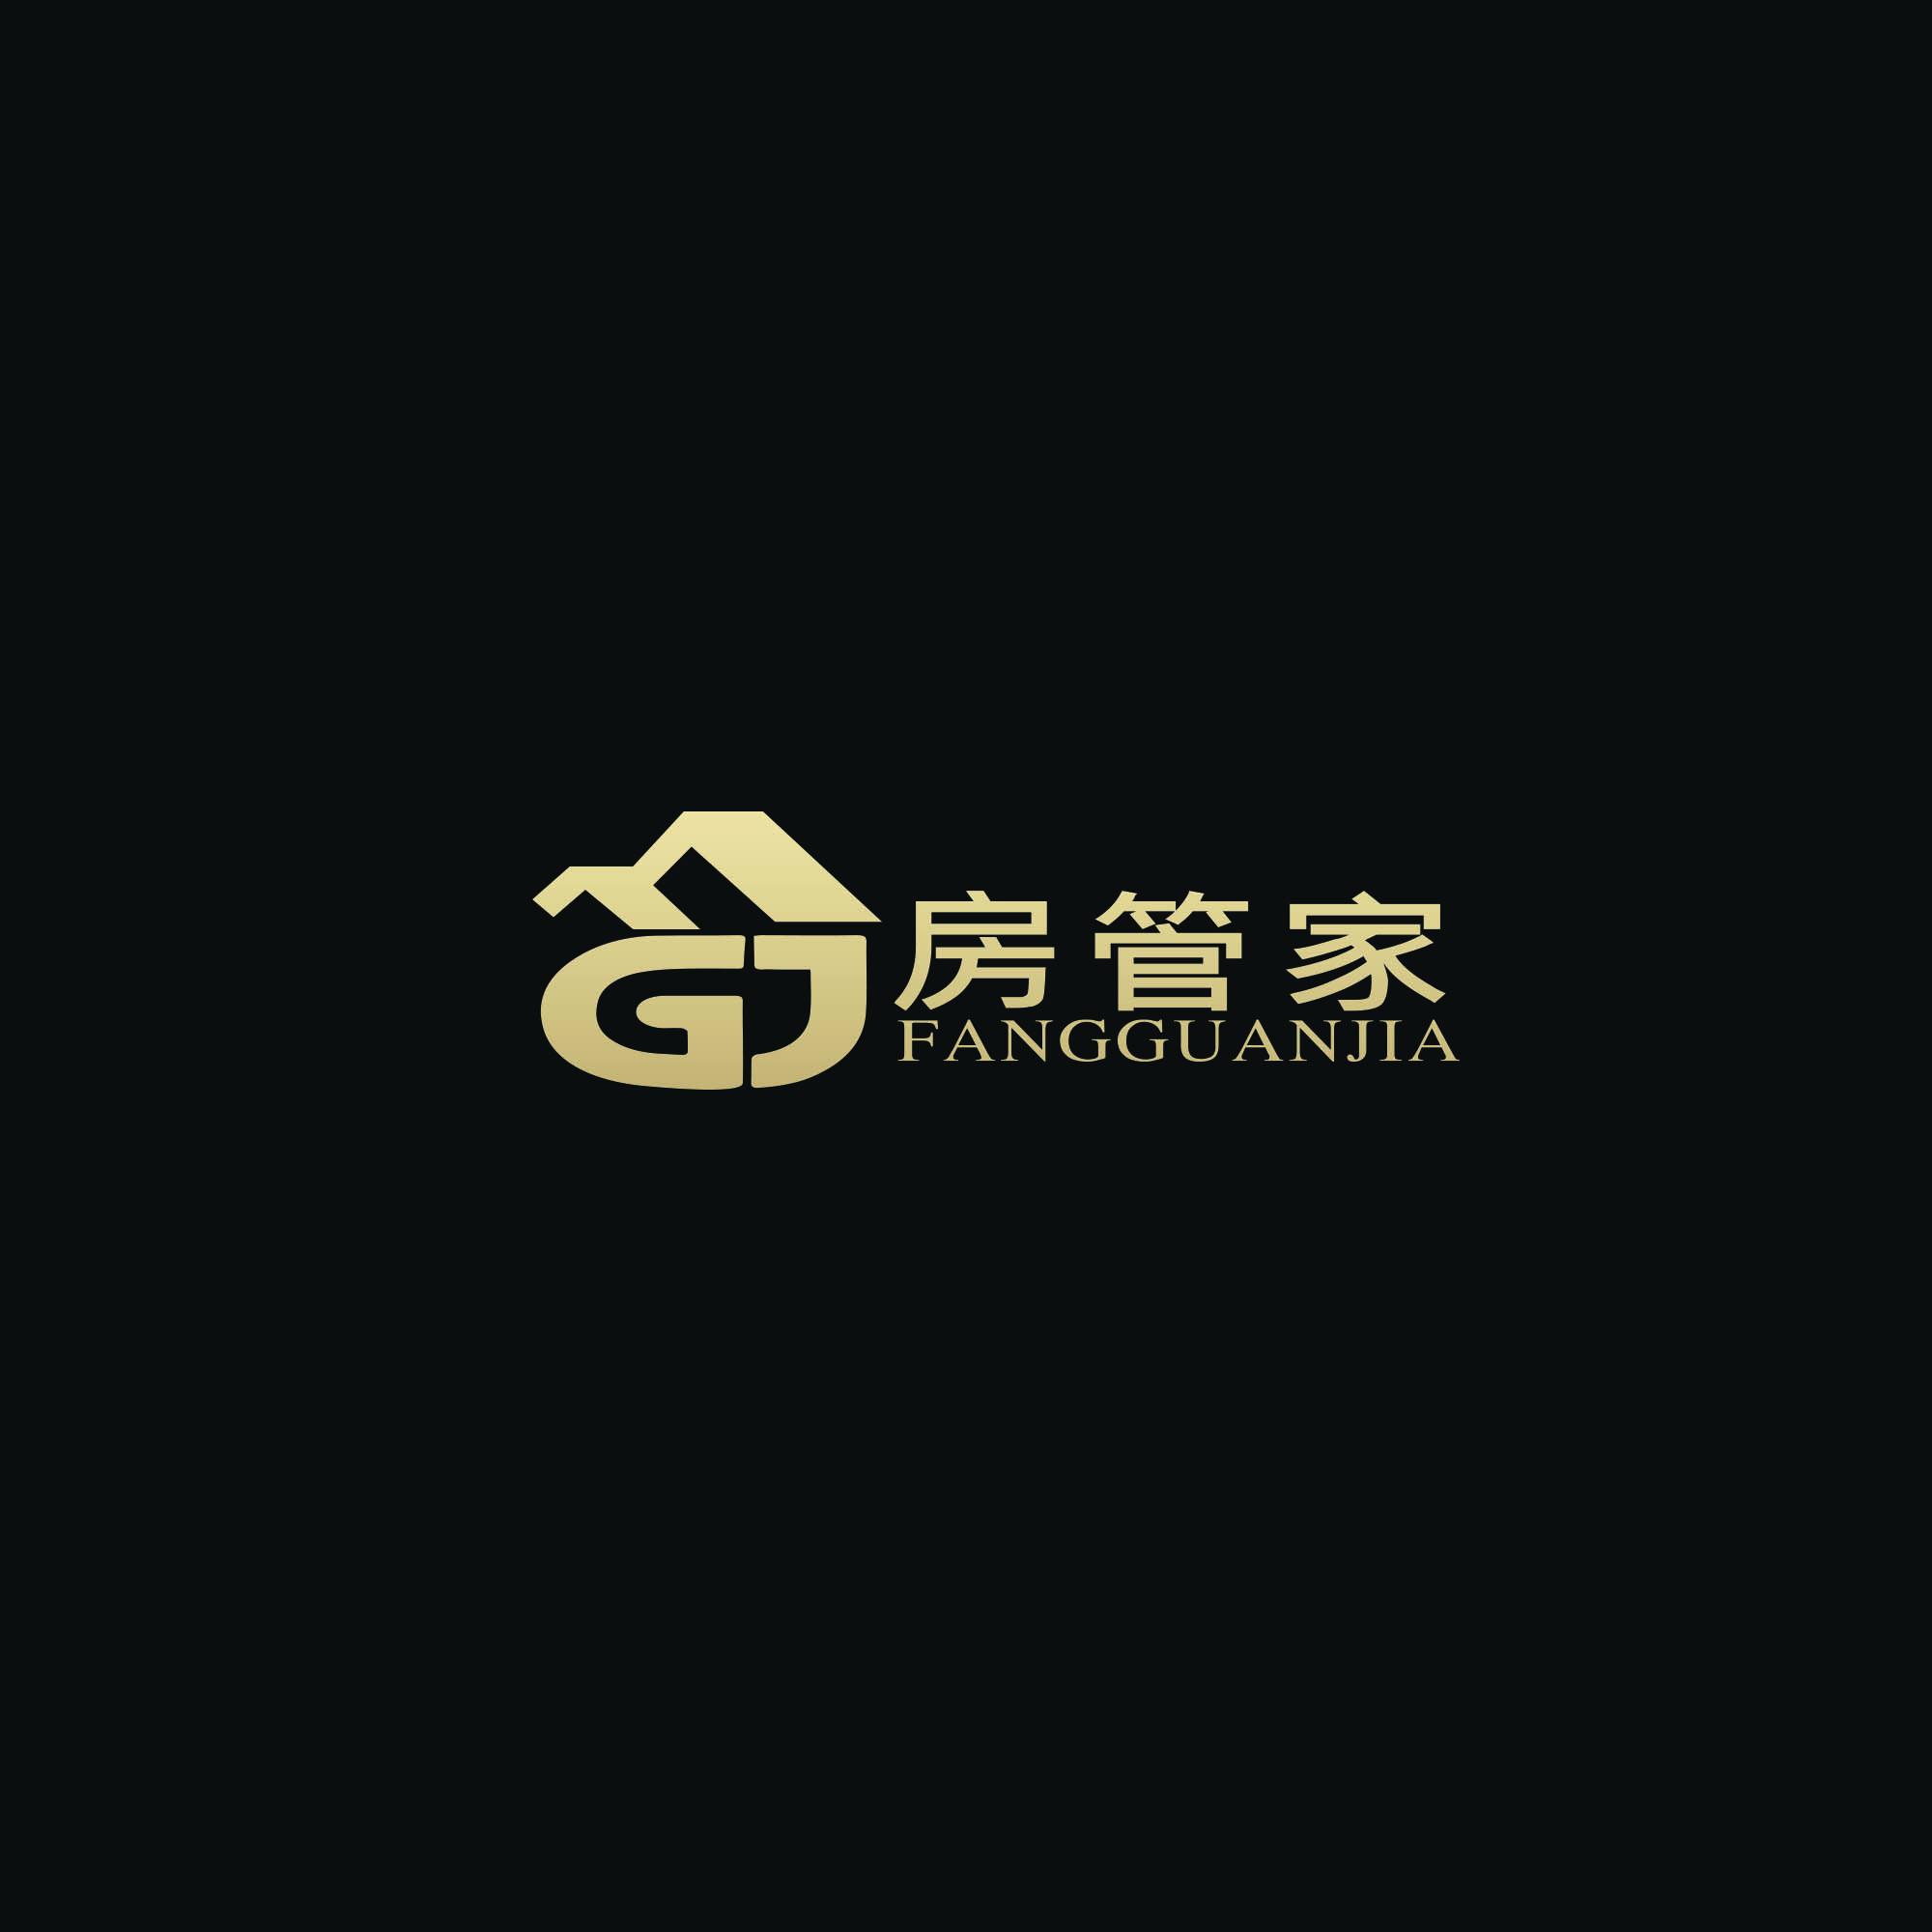 品牌LOGO及名片设计_3037551_k68威客网